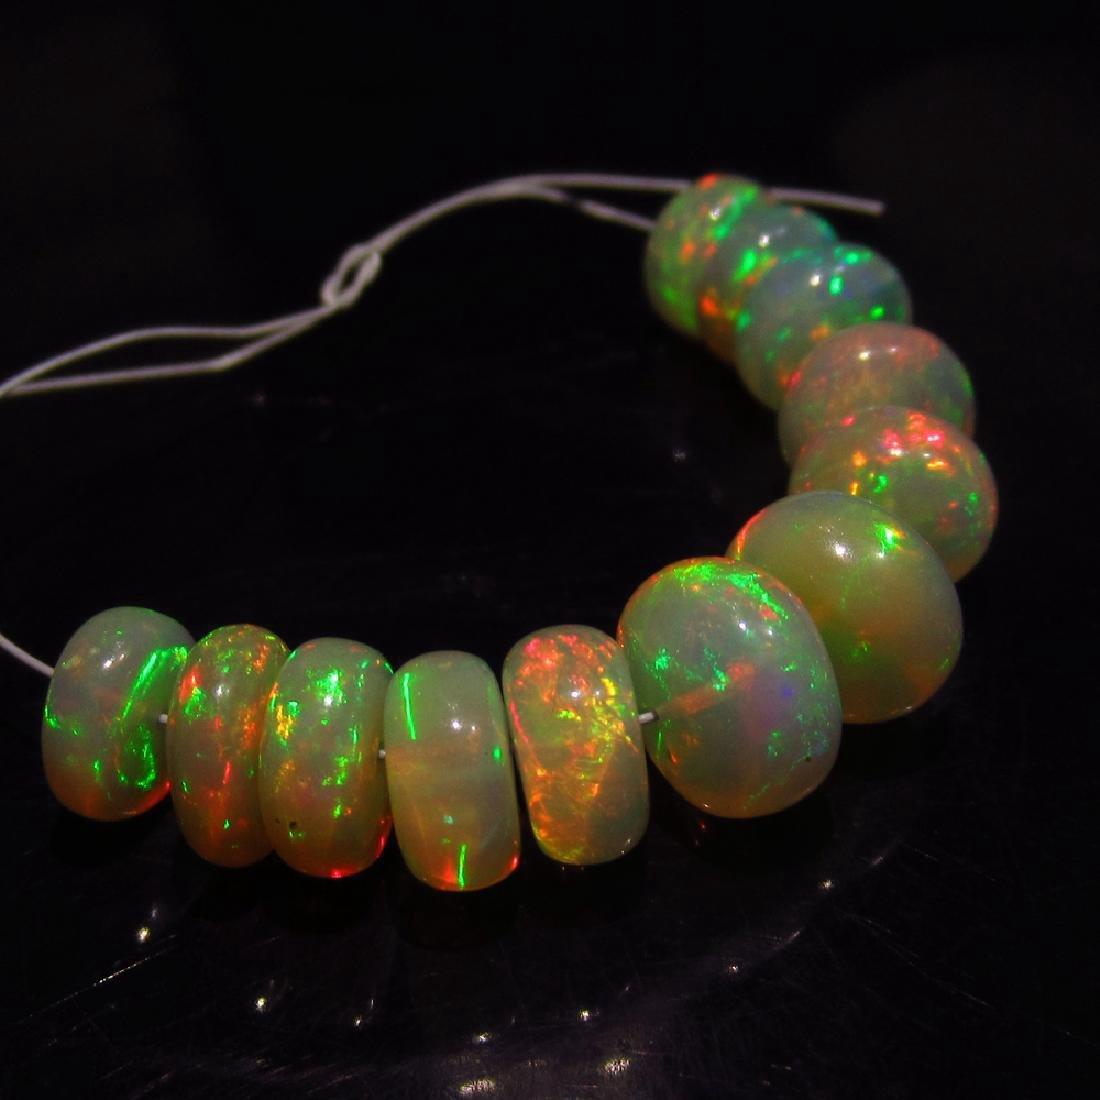 12.03 Carat Natural Loose Opal Beads Set